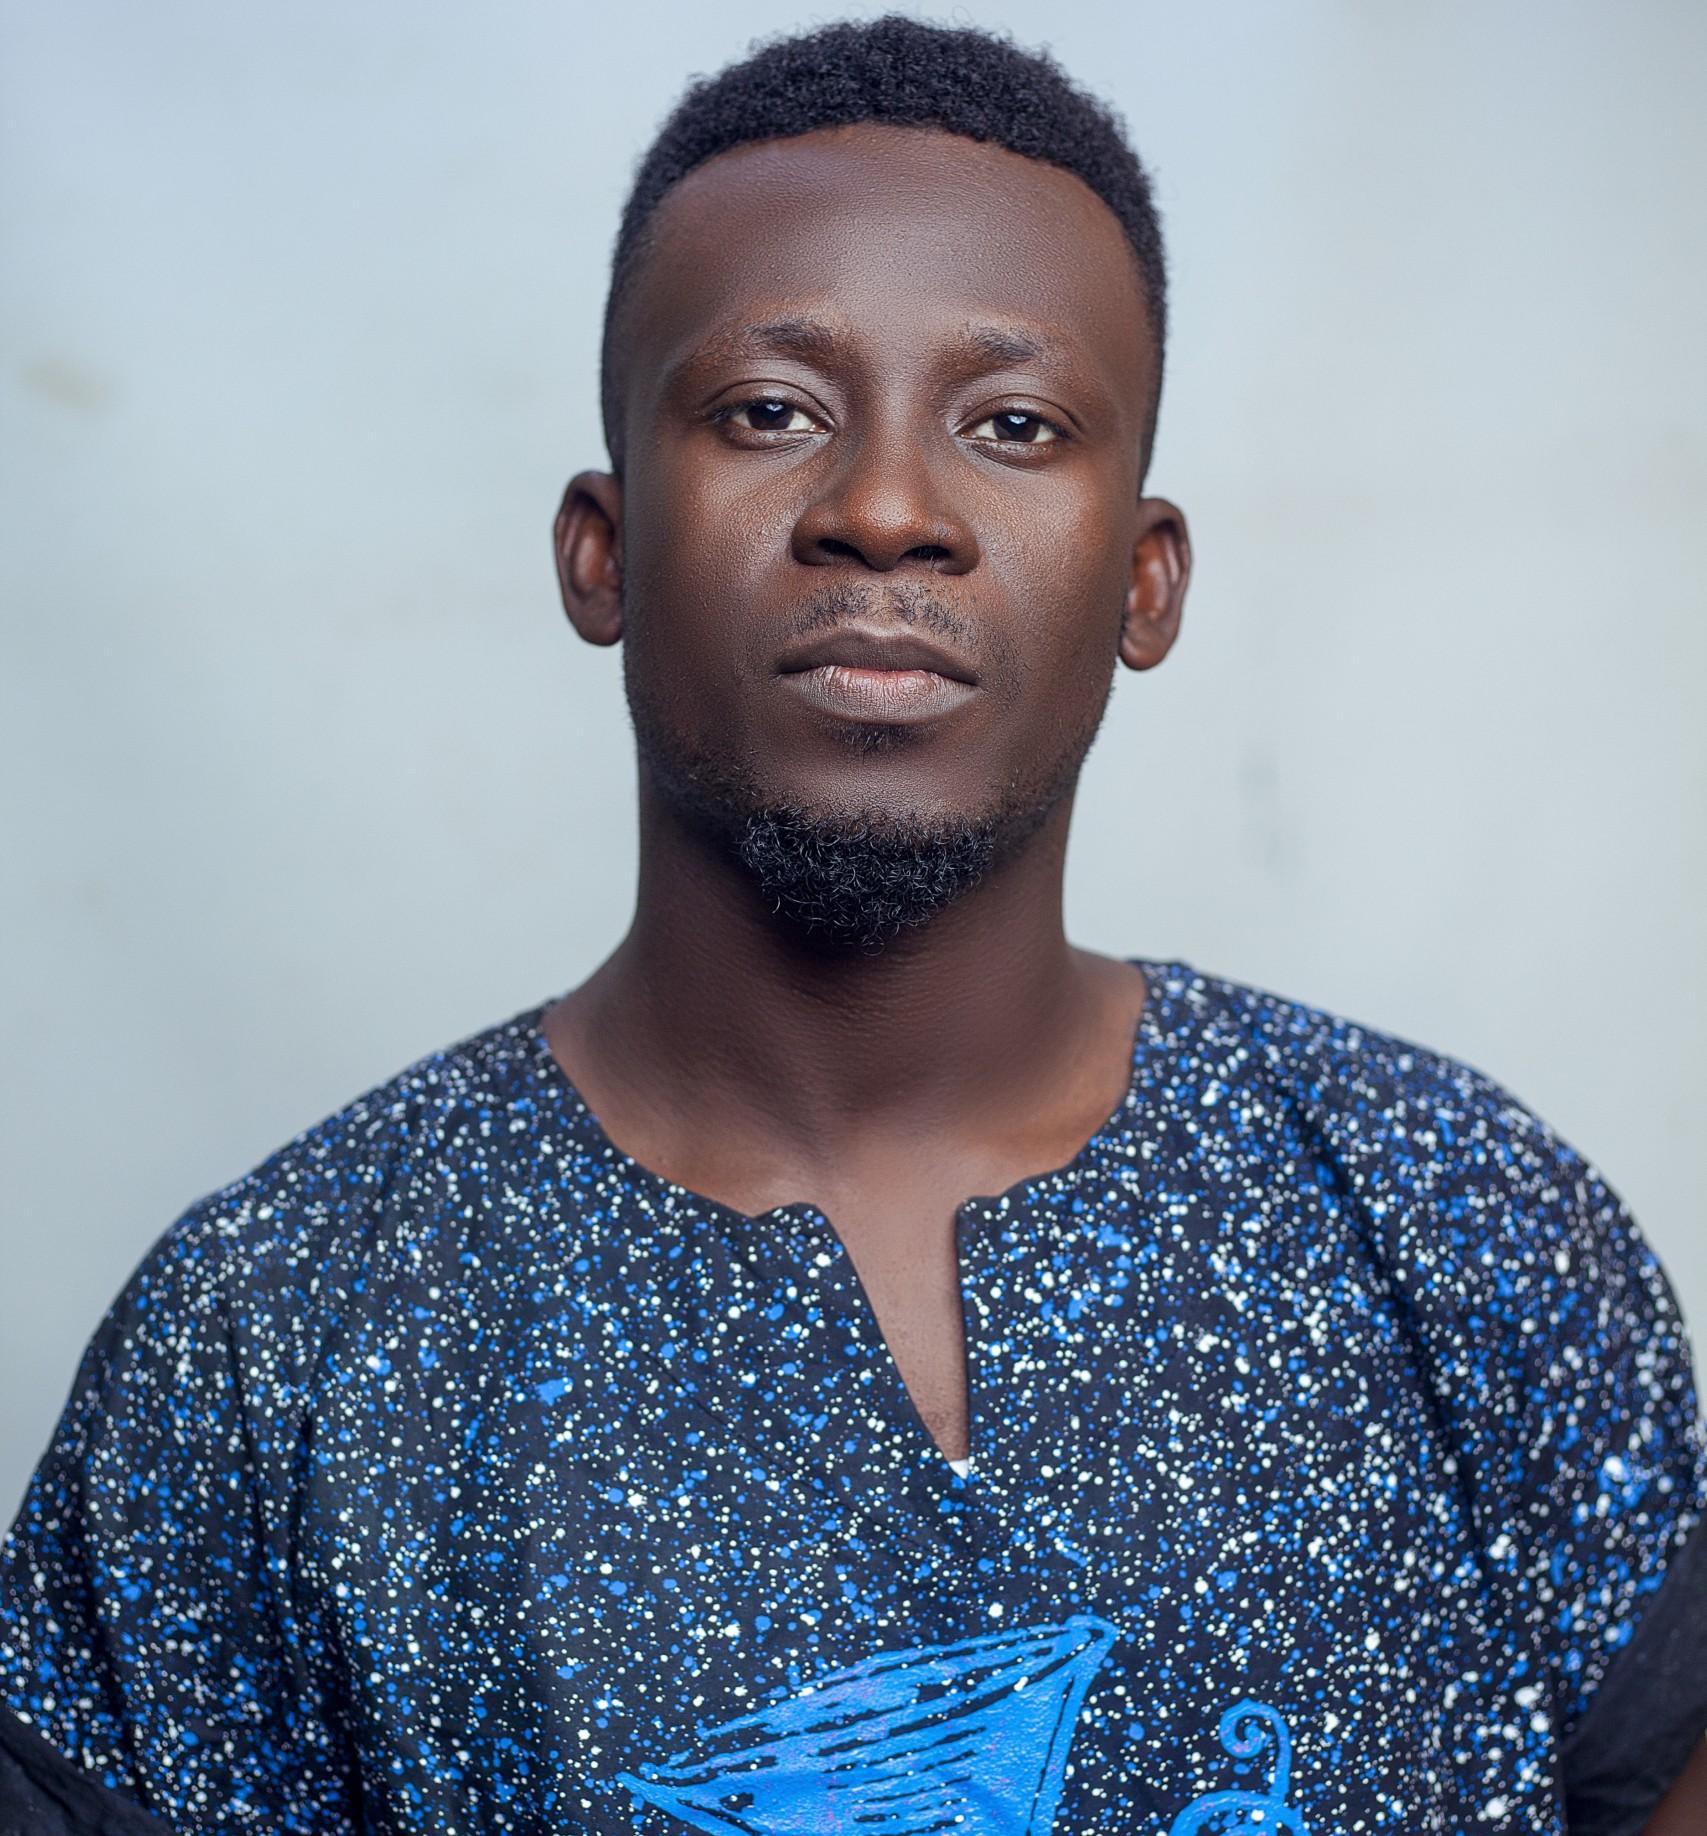 Daaduam Nwom